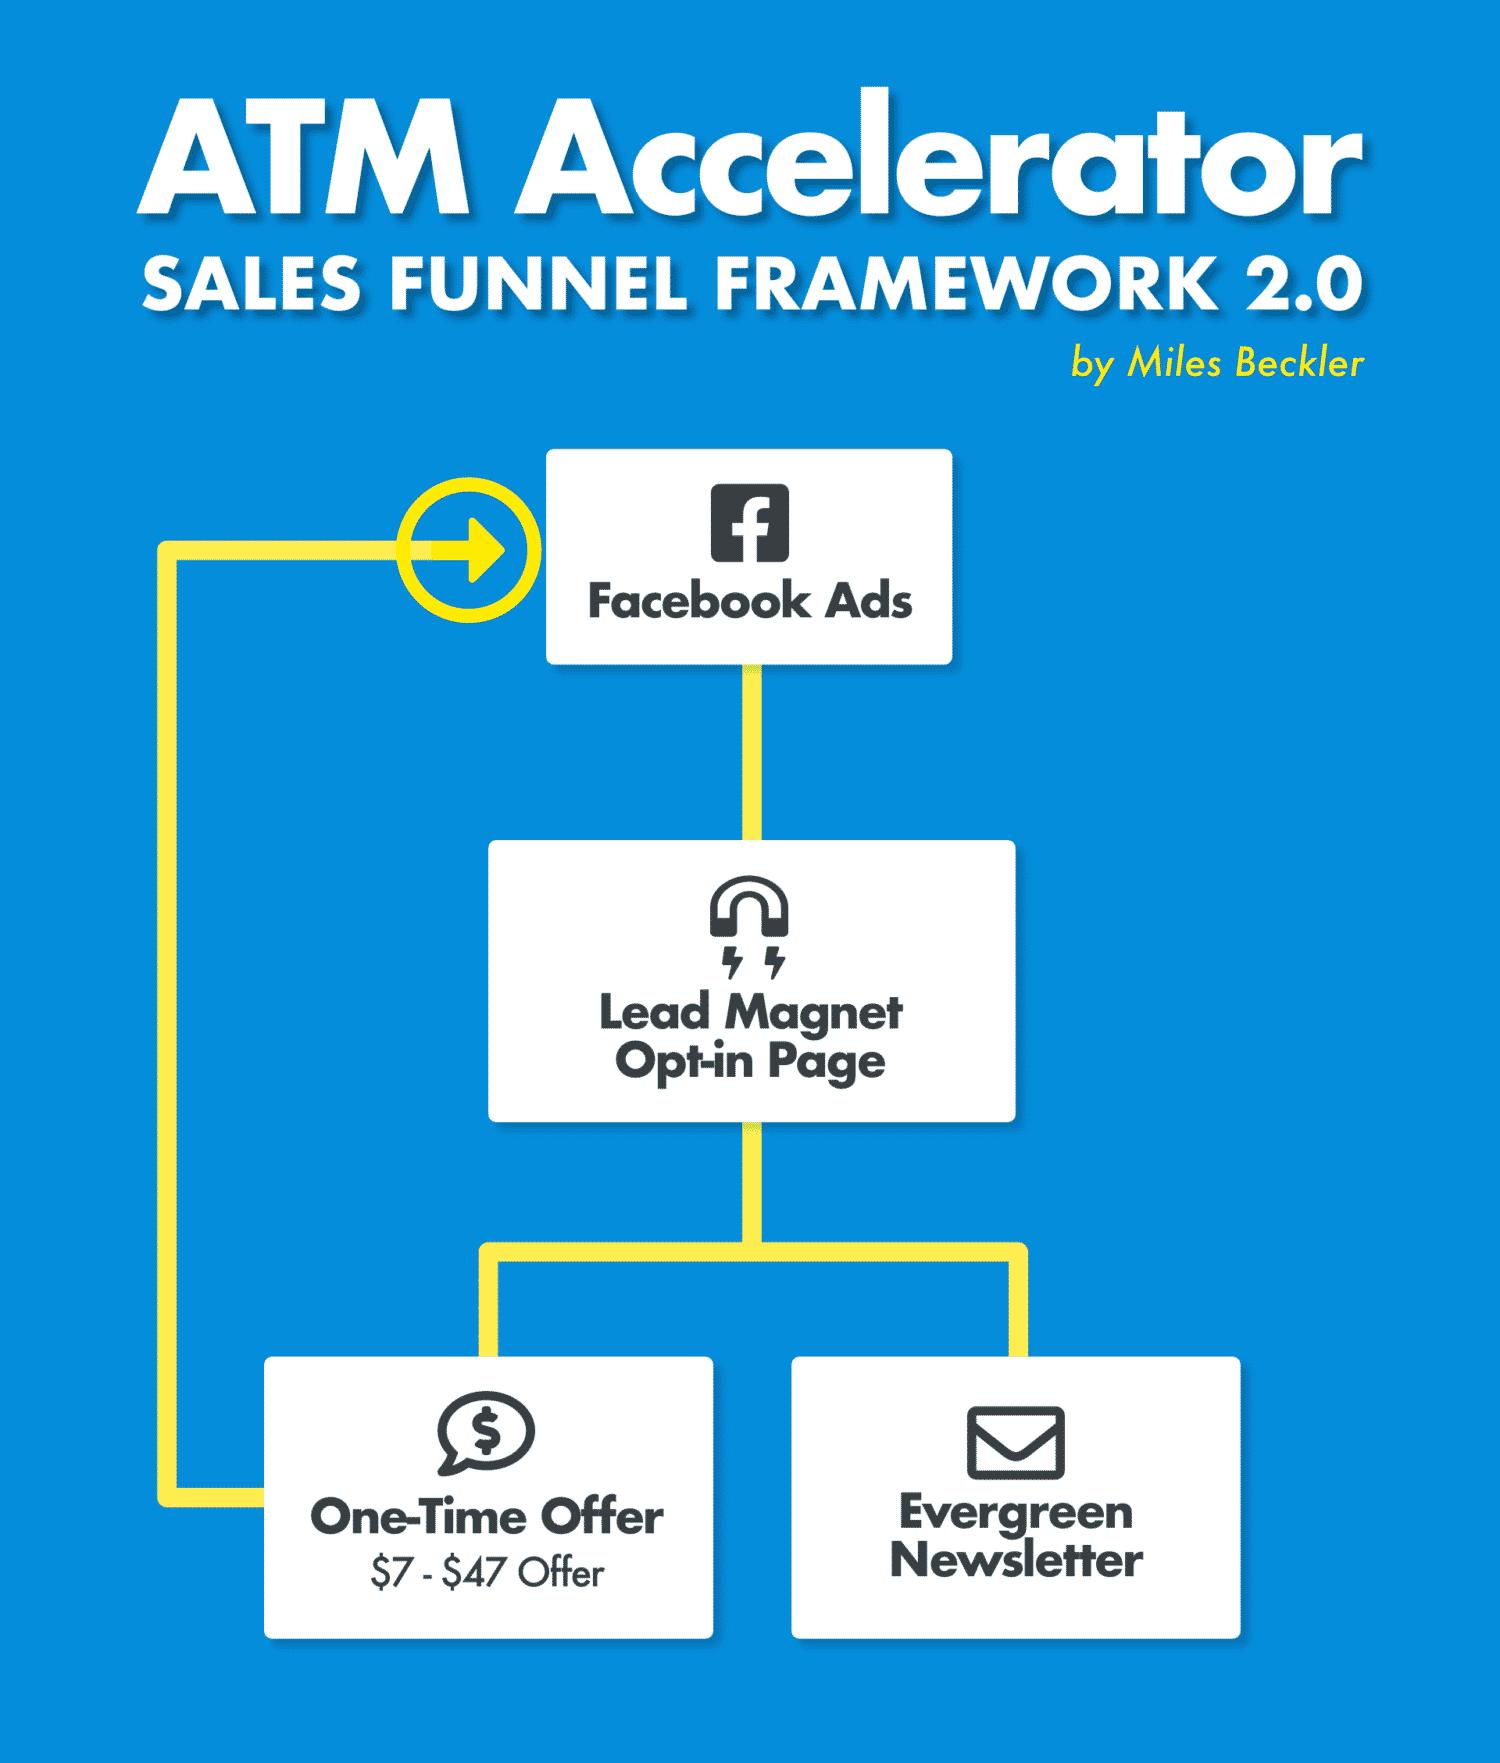 ATM Accelerator Sales Funnel Framework 2.0 by Miles Beckler